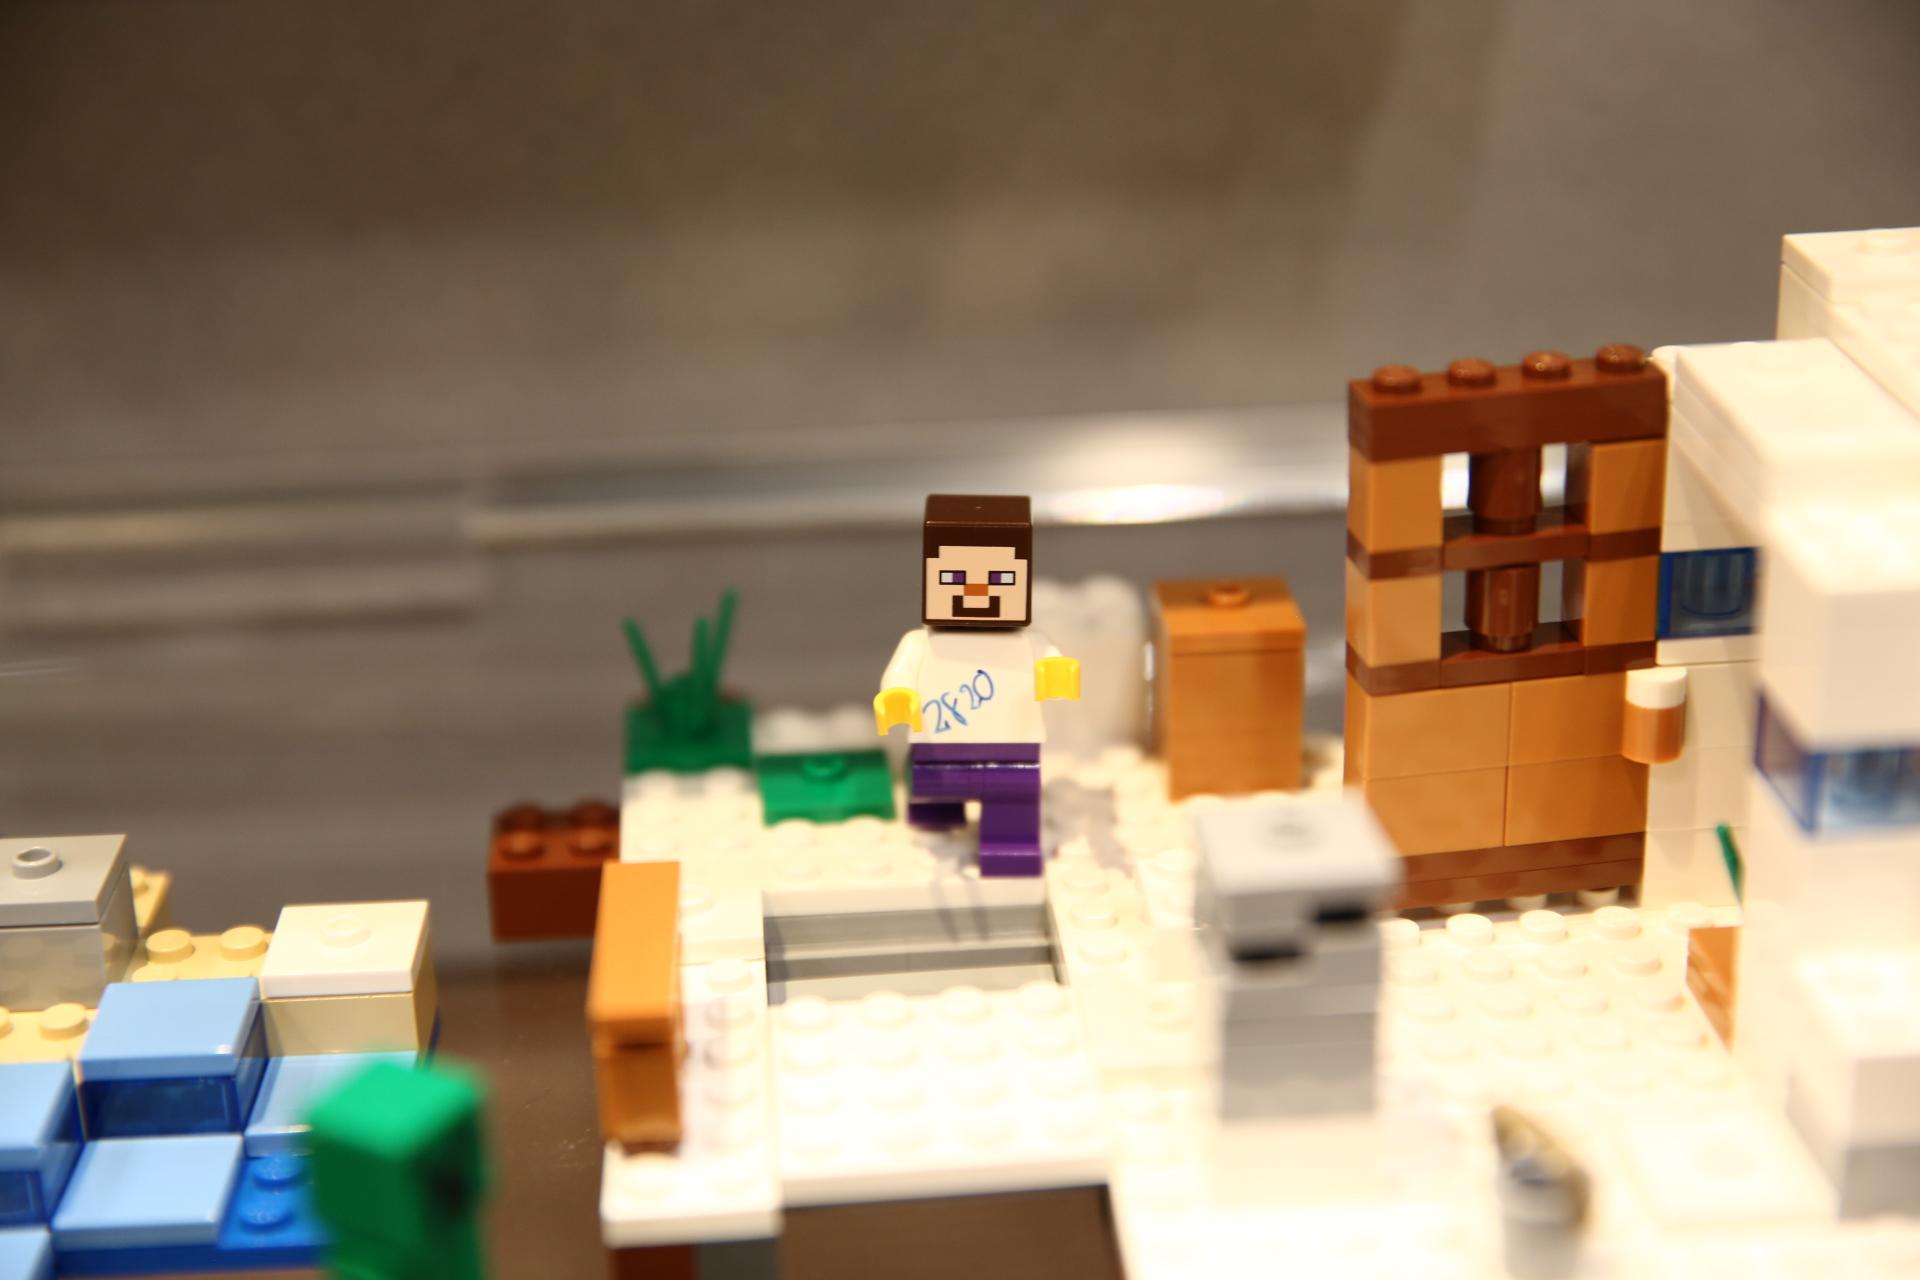 Minecraft Lego House LEGO Star Wars Forum |...